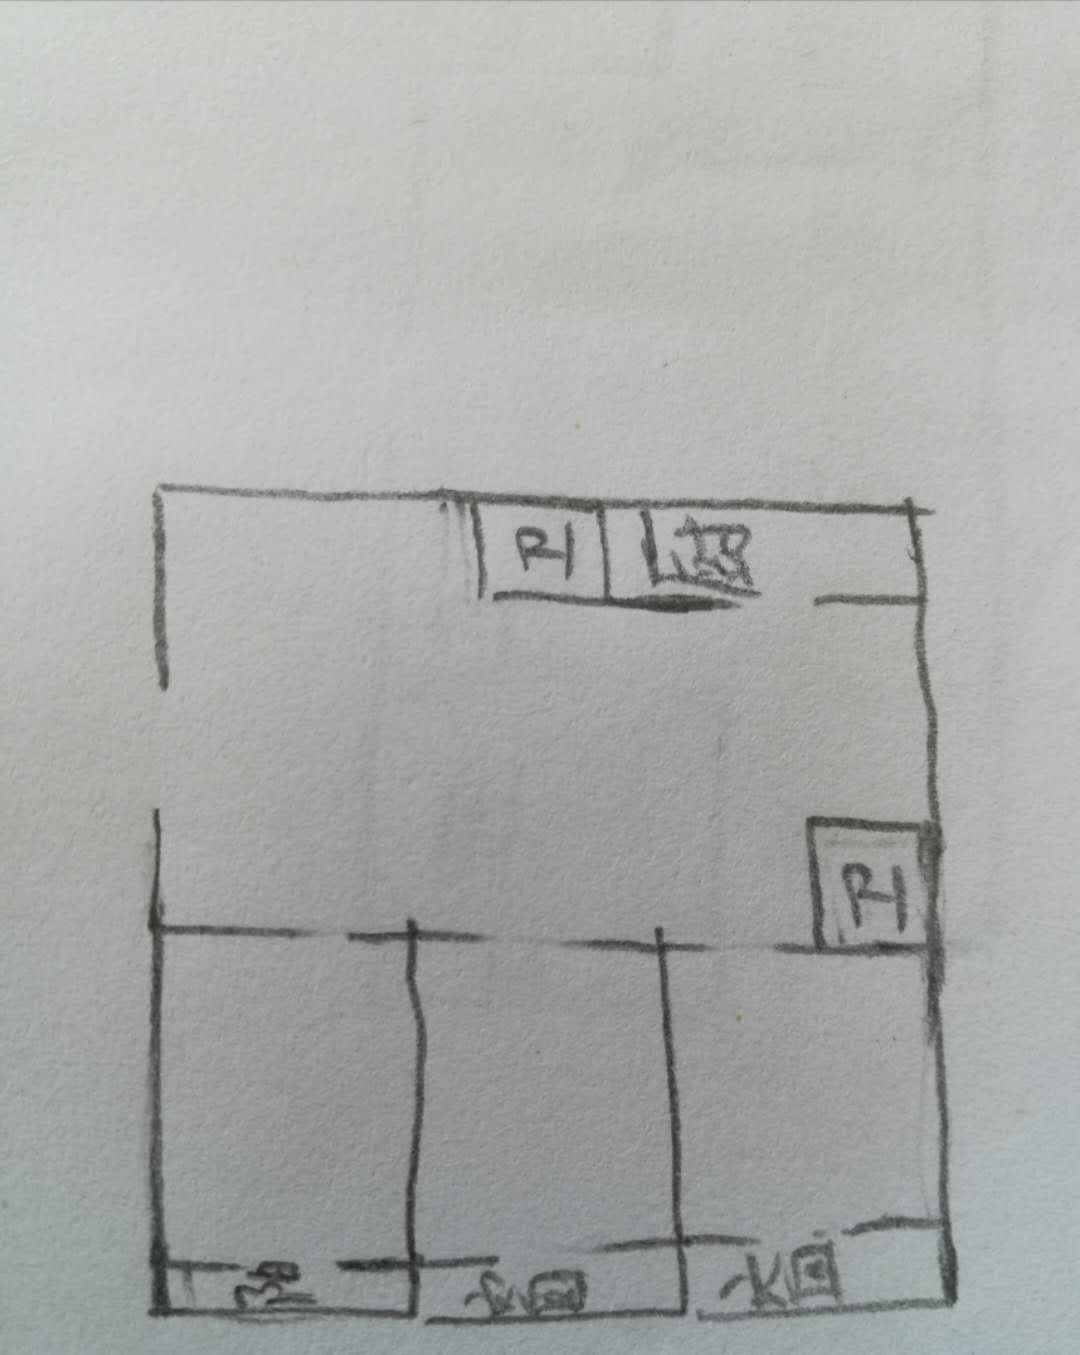 湖滨家园 3室2厅 15楼